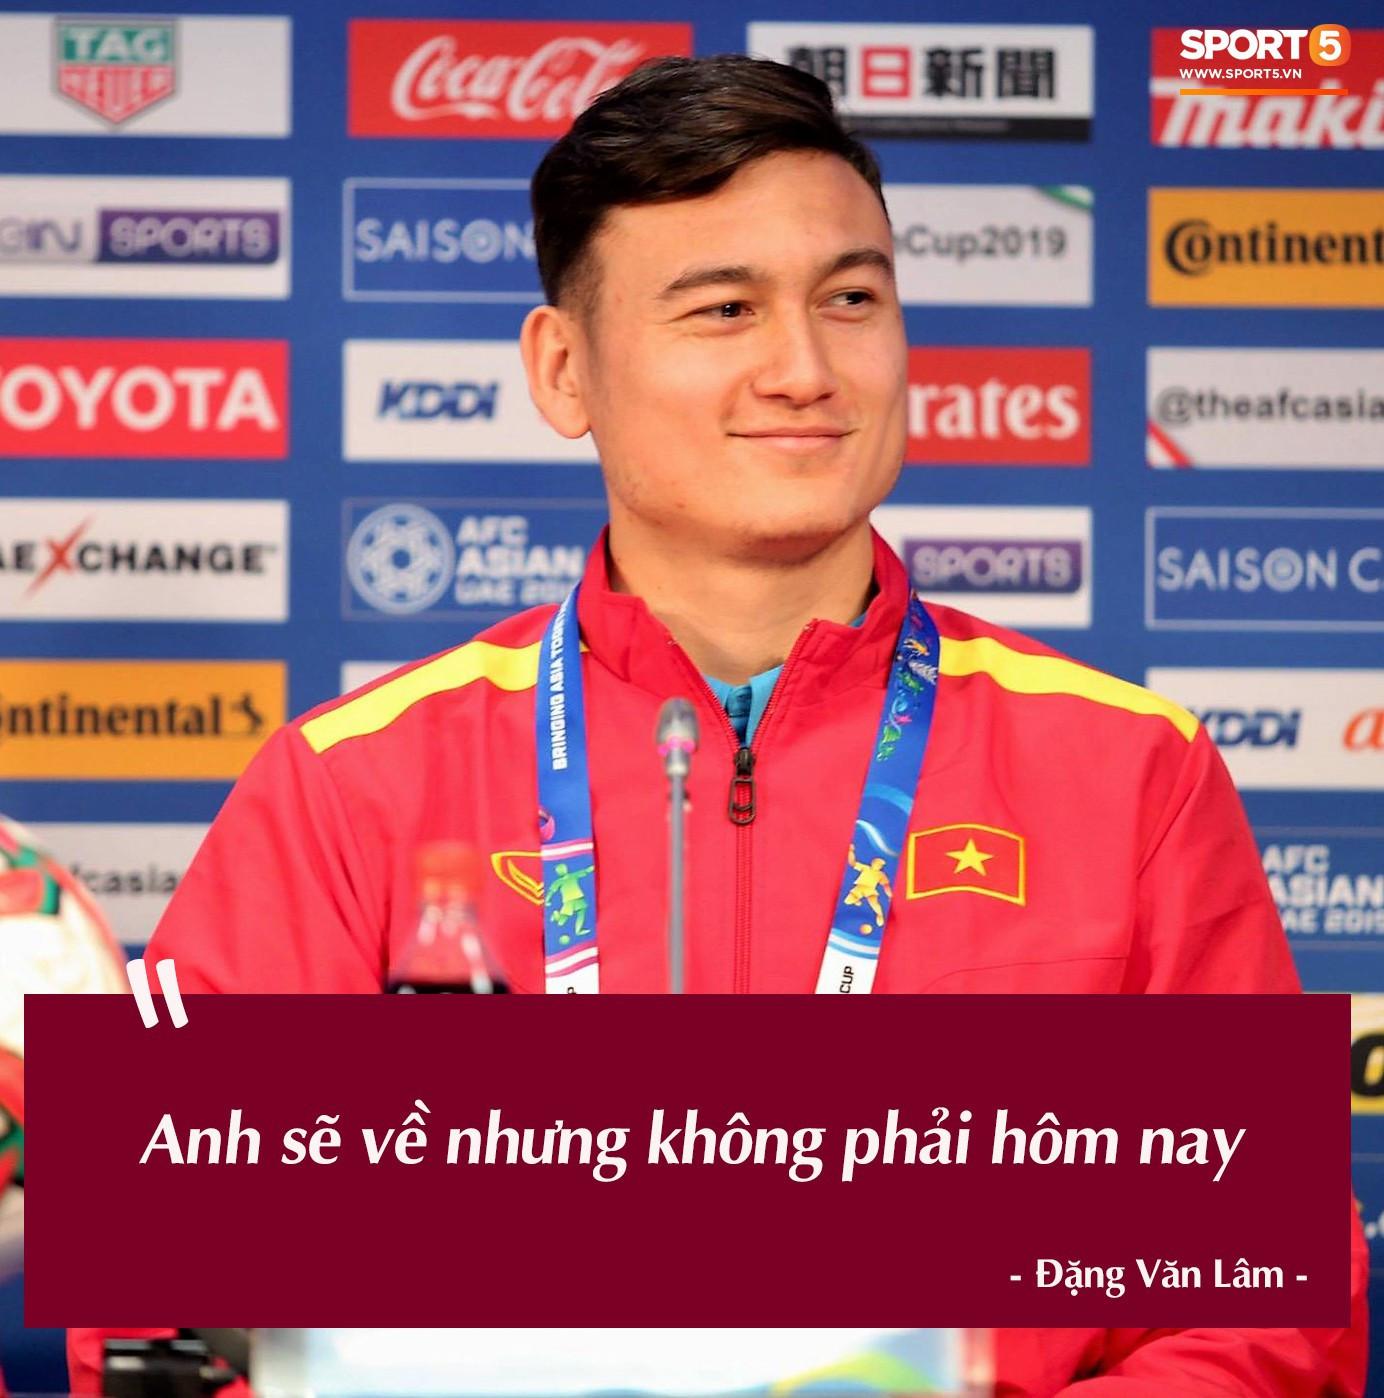 Bà đồng Lâm Tây dự đoán như thần, đội tuyển Việt Nam khẩu hiệu đồng loạt: Sẽ về nước nhưng không phải hôm nay